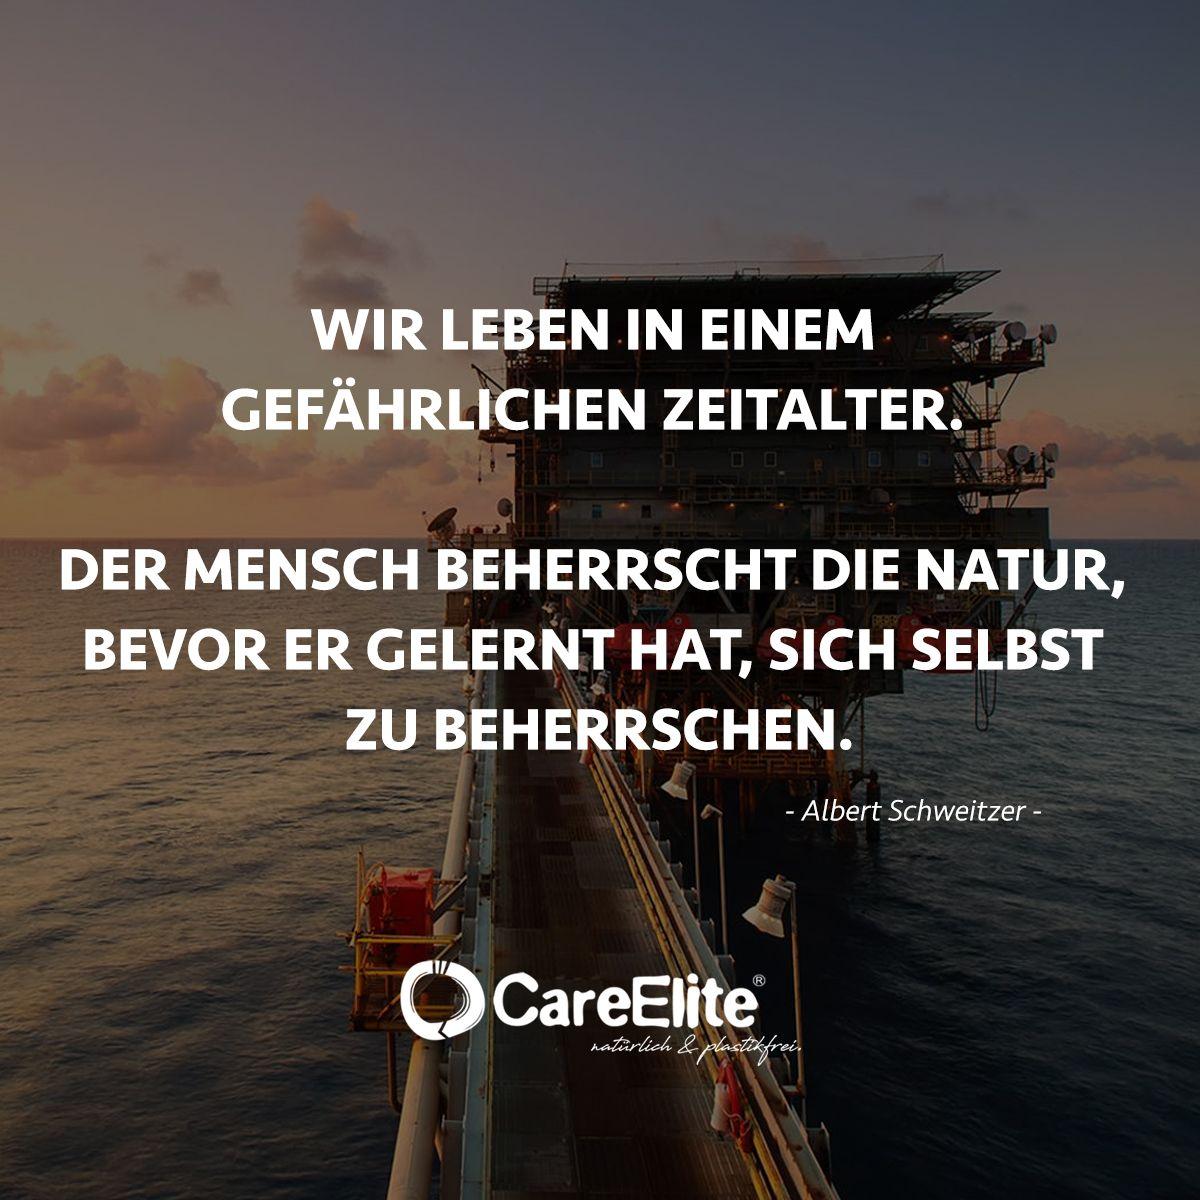 Ein Umweltschutz Zitat Von Albert Schweitzer Ich Finde